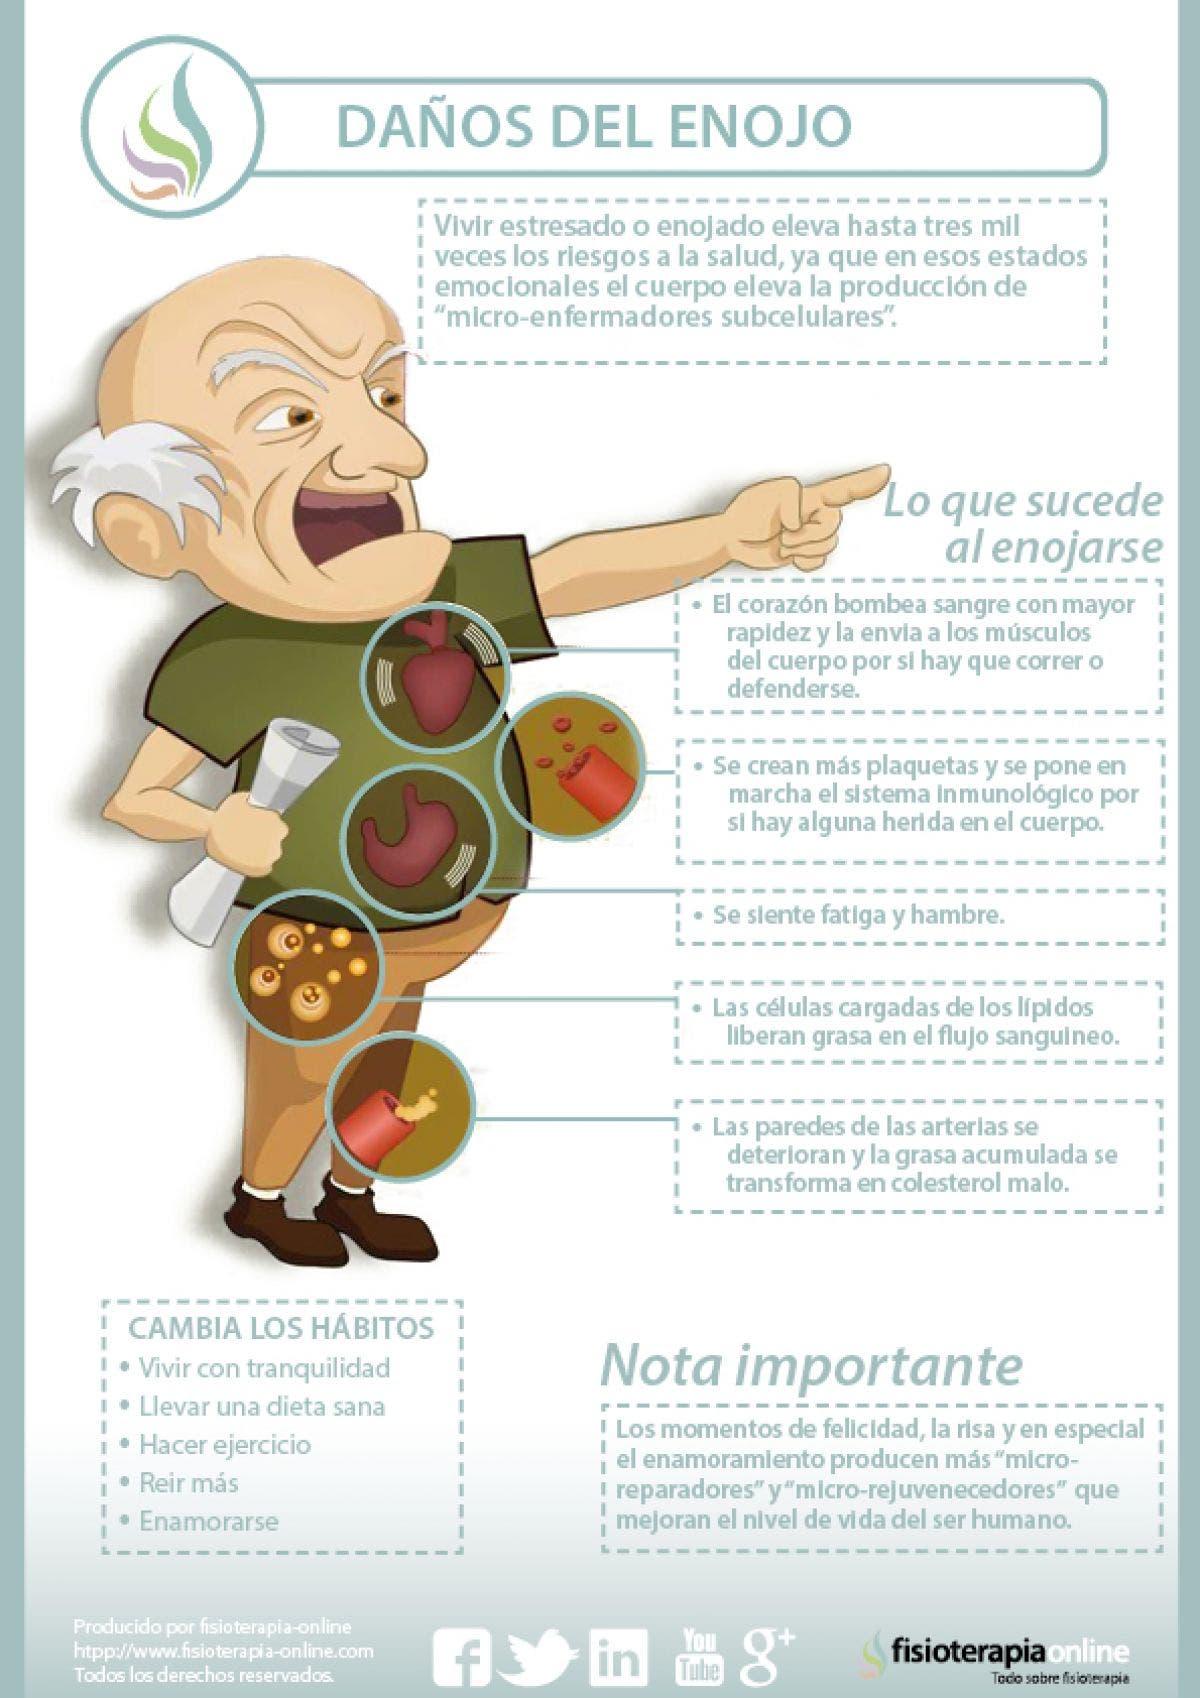 Efectos y consecuencias del enfado y el estrés sobre el organismo